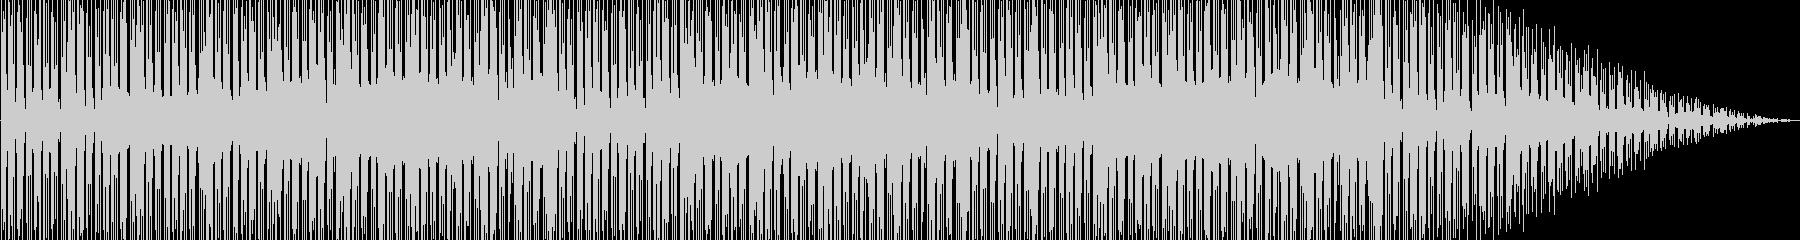 ED向けインパクトありなchillの未再生の波形